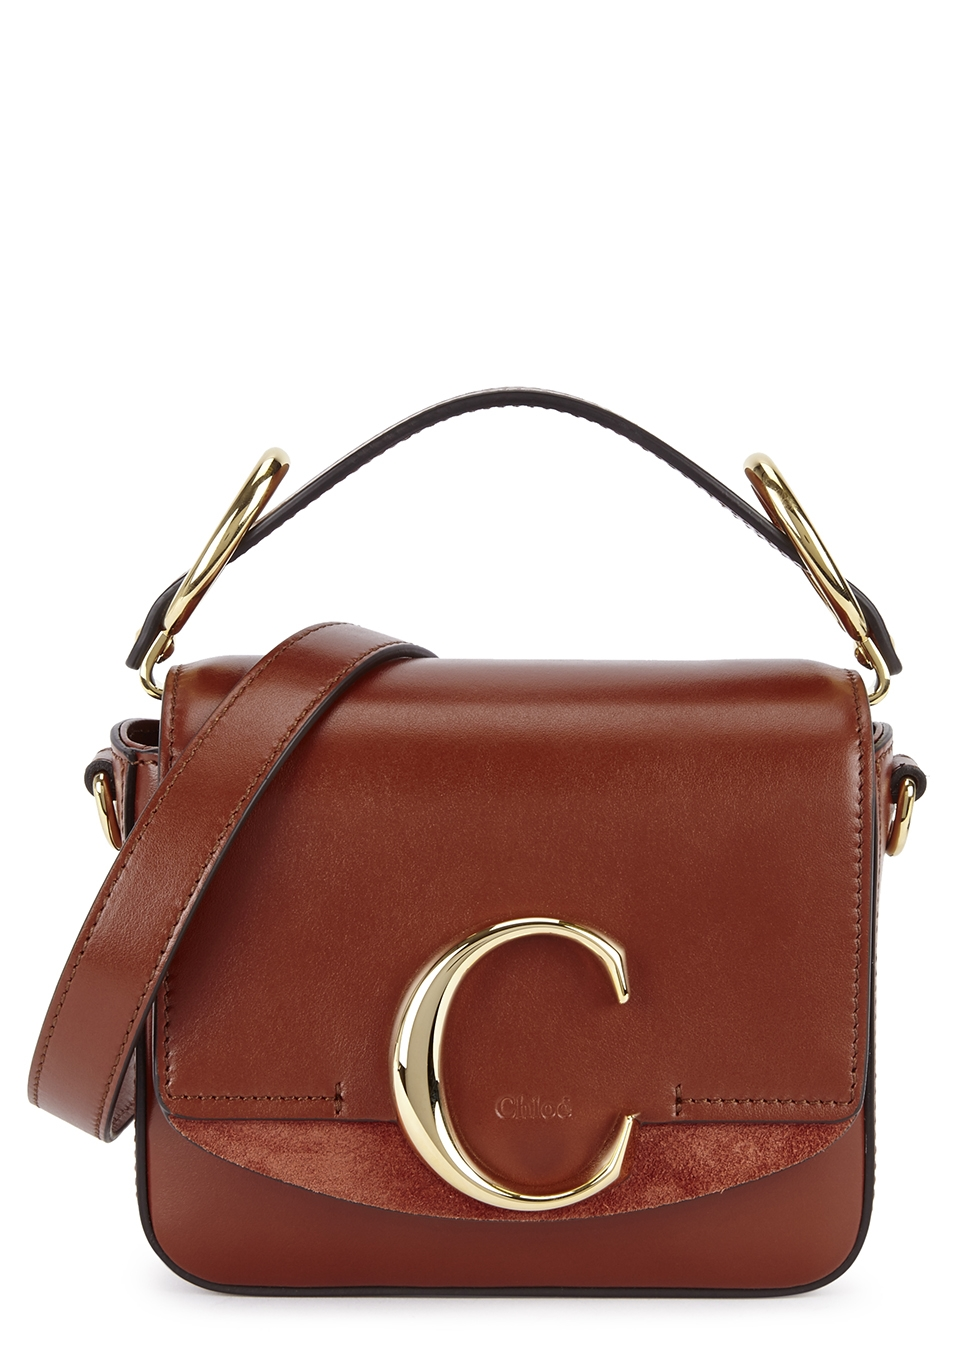 f408d4c0aa45 Women s Designer Bags